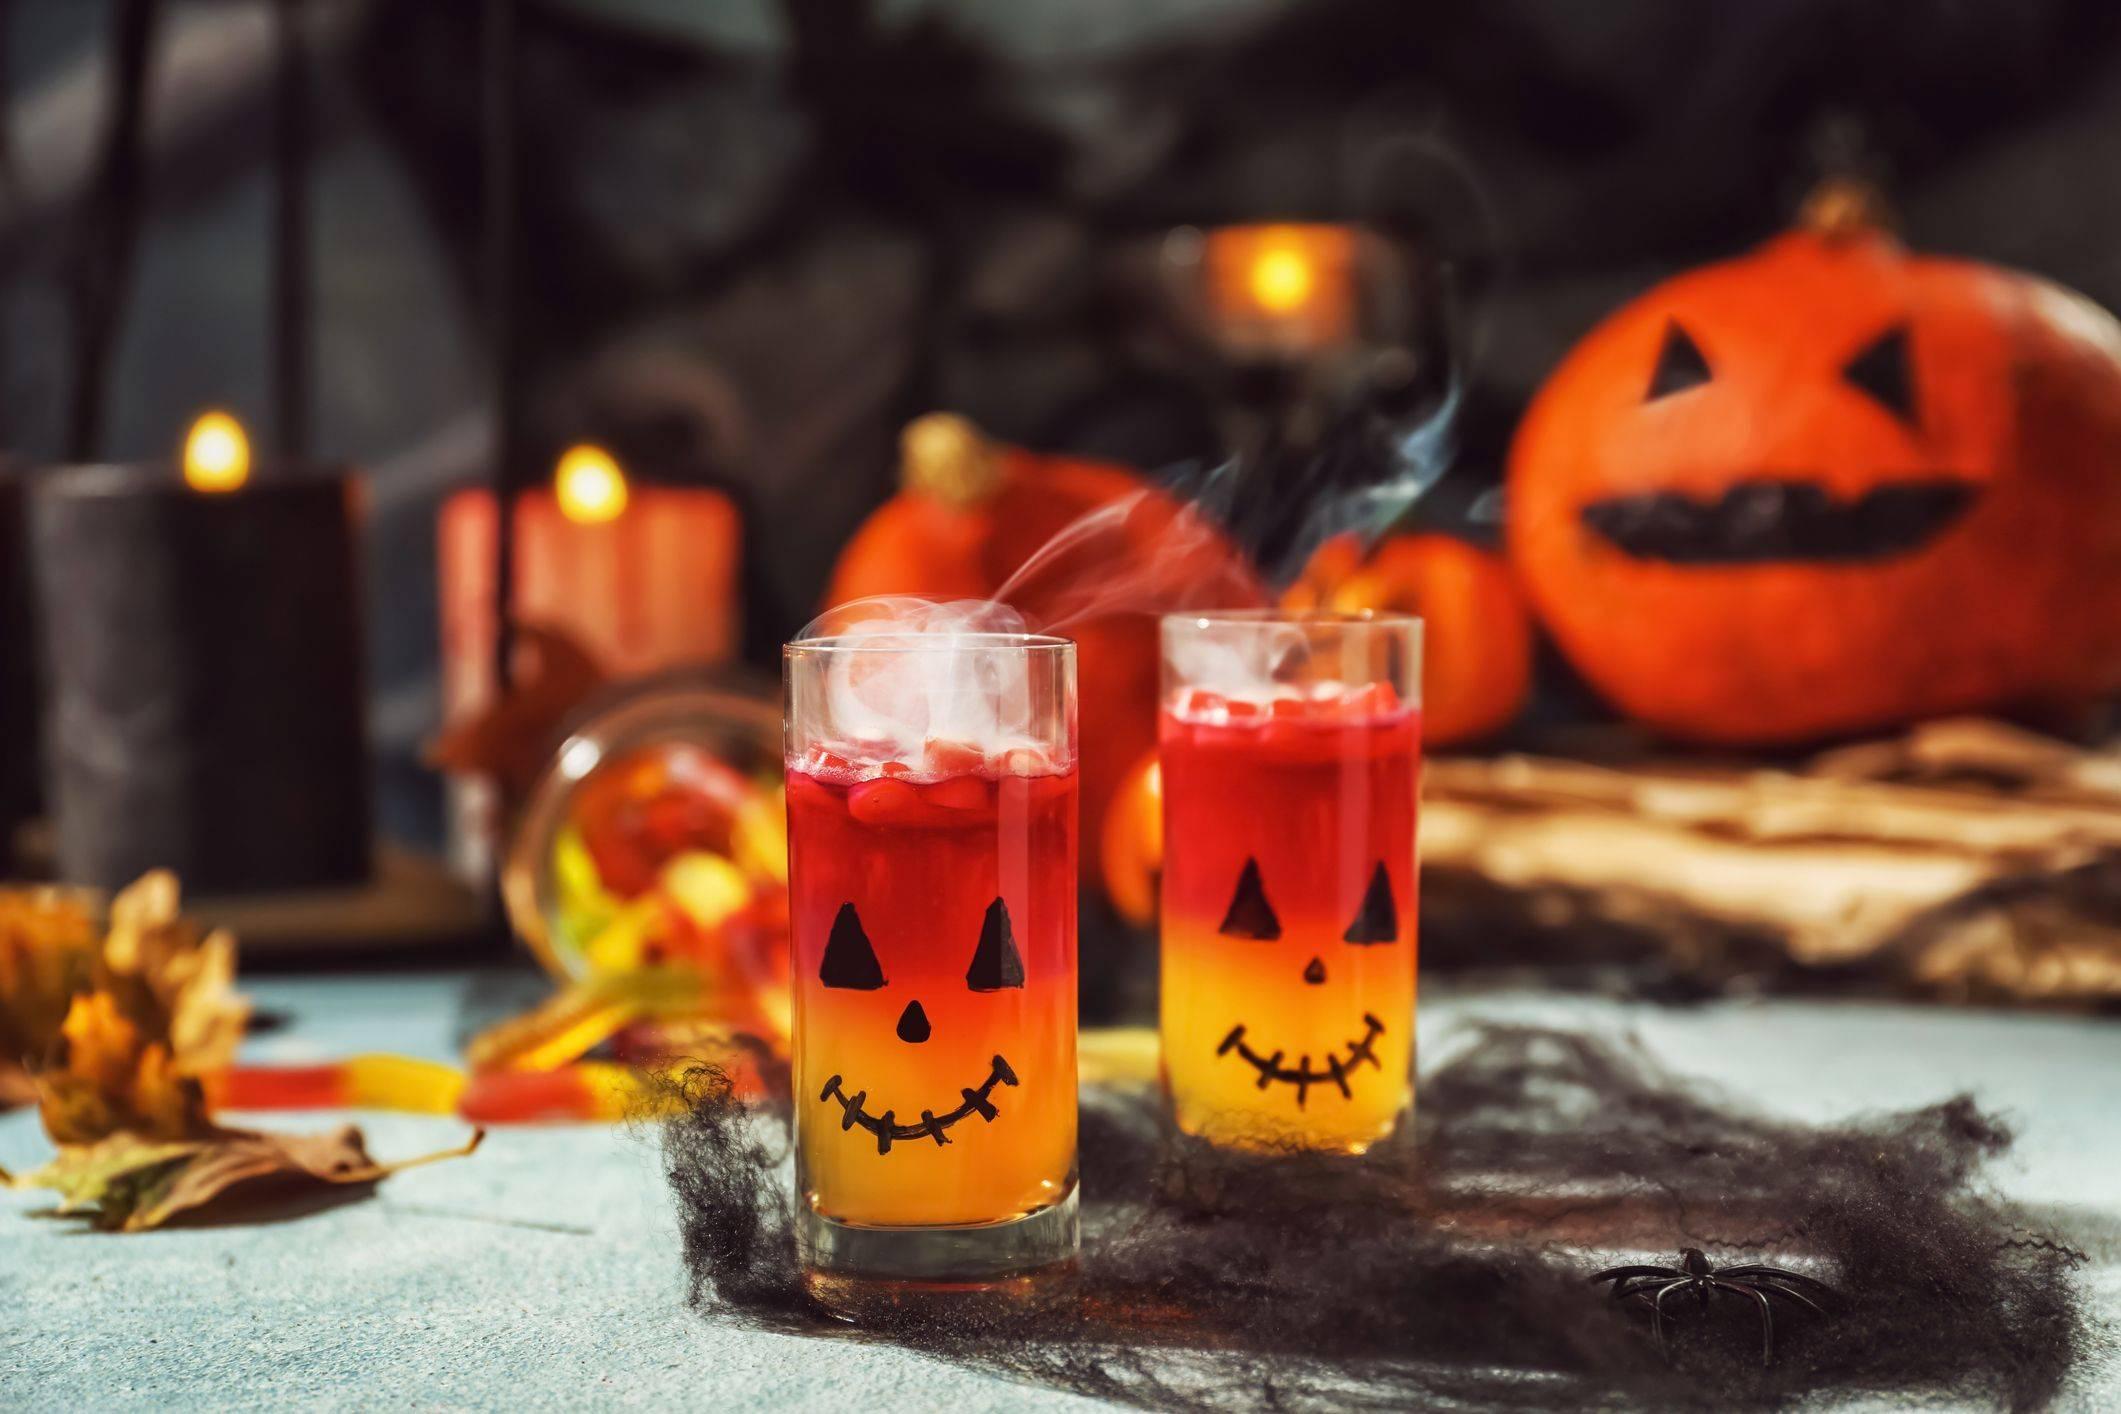 Коктейли на хэллоуин алкогольные дома. зловещие безалкогольные коктейли на хэллоуин. суть праздника и его традиции